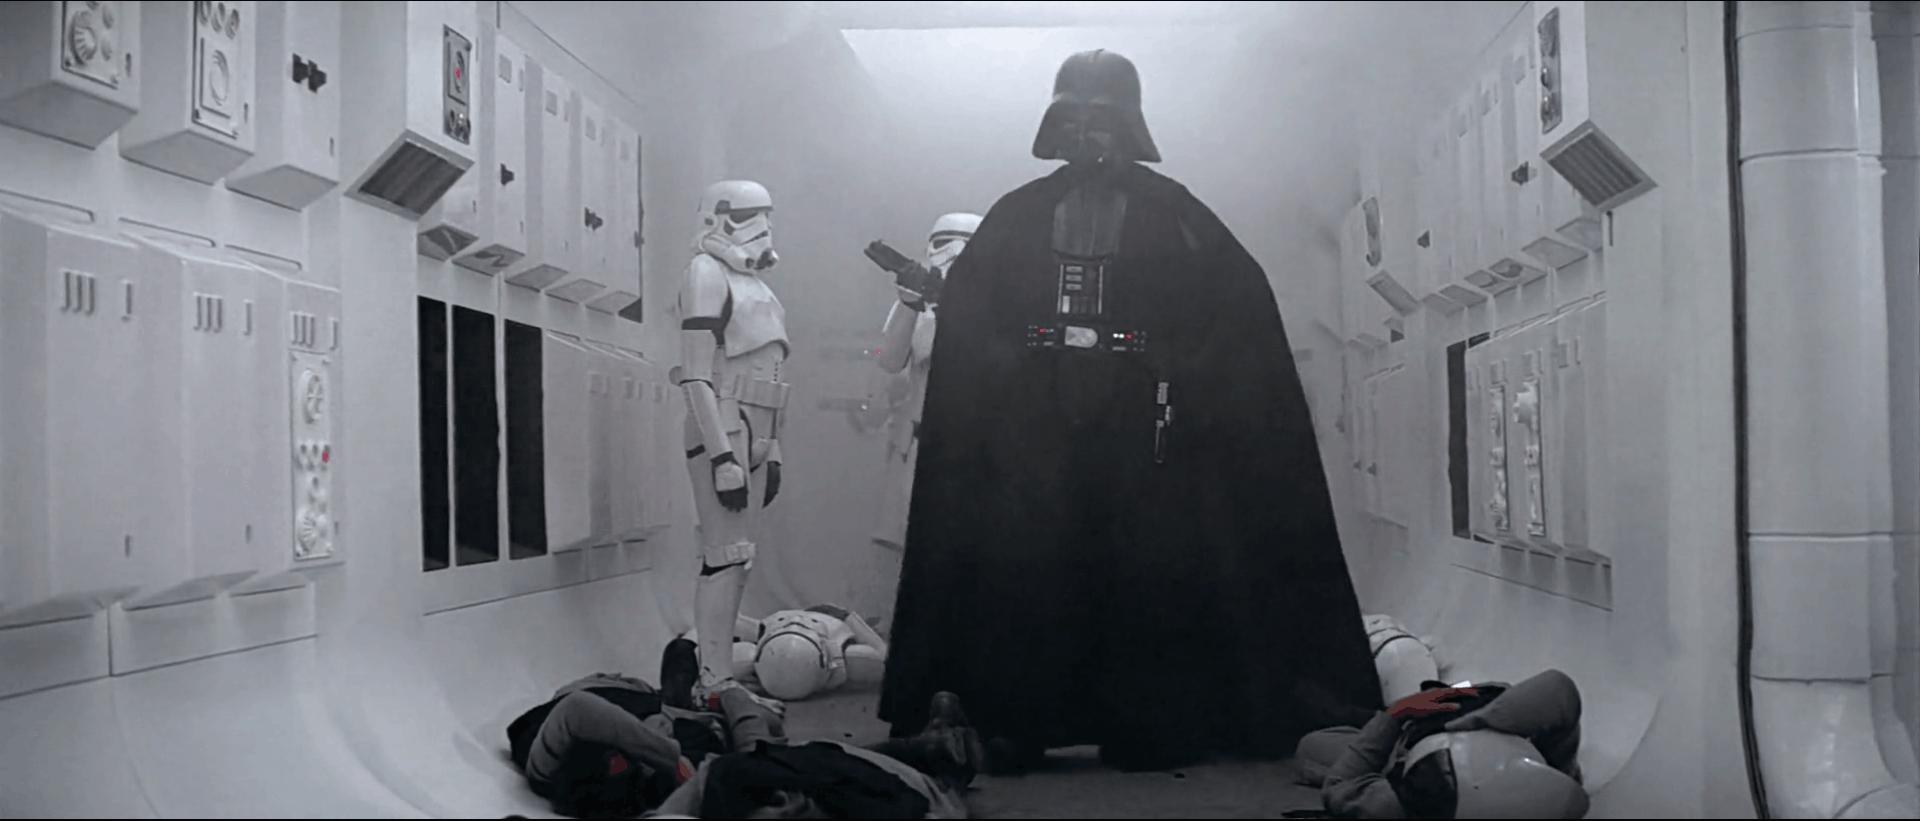 Star Wars – opening scene in movie